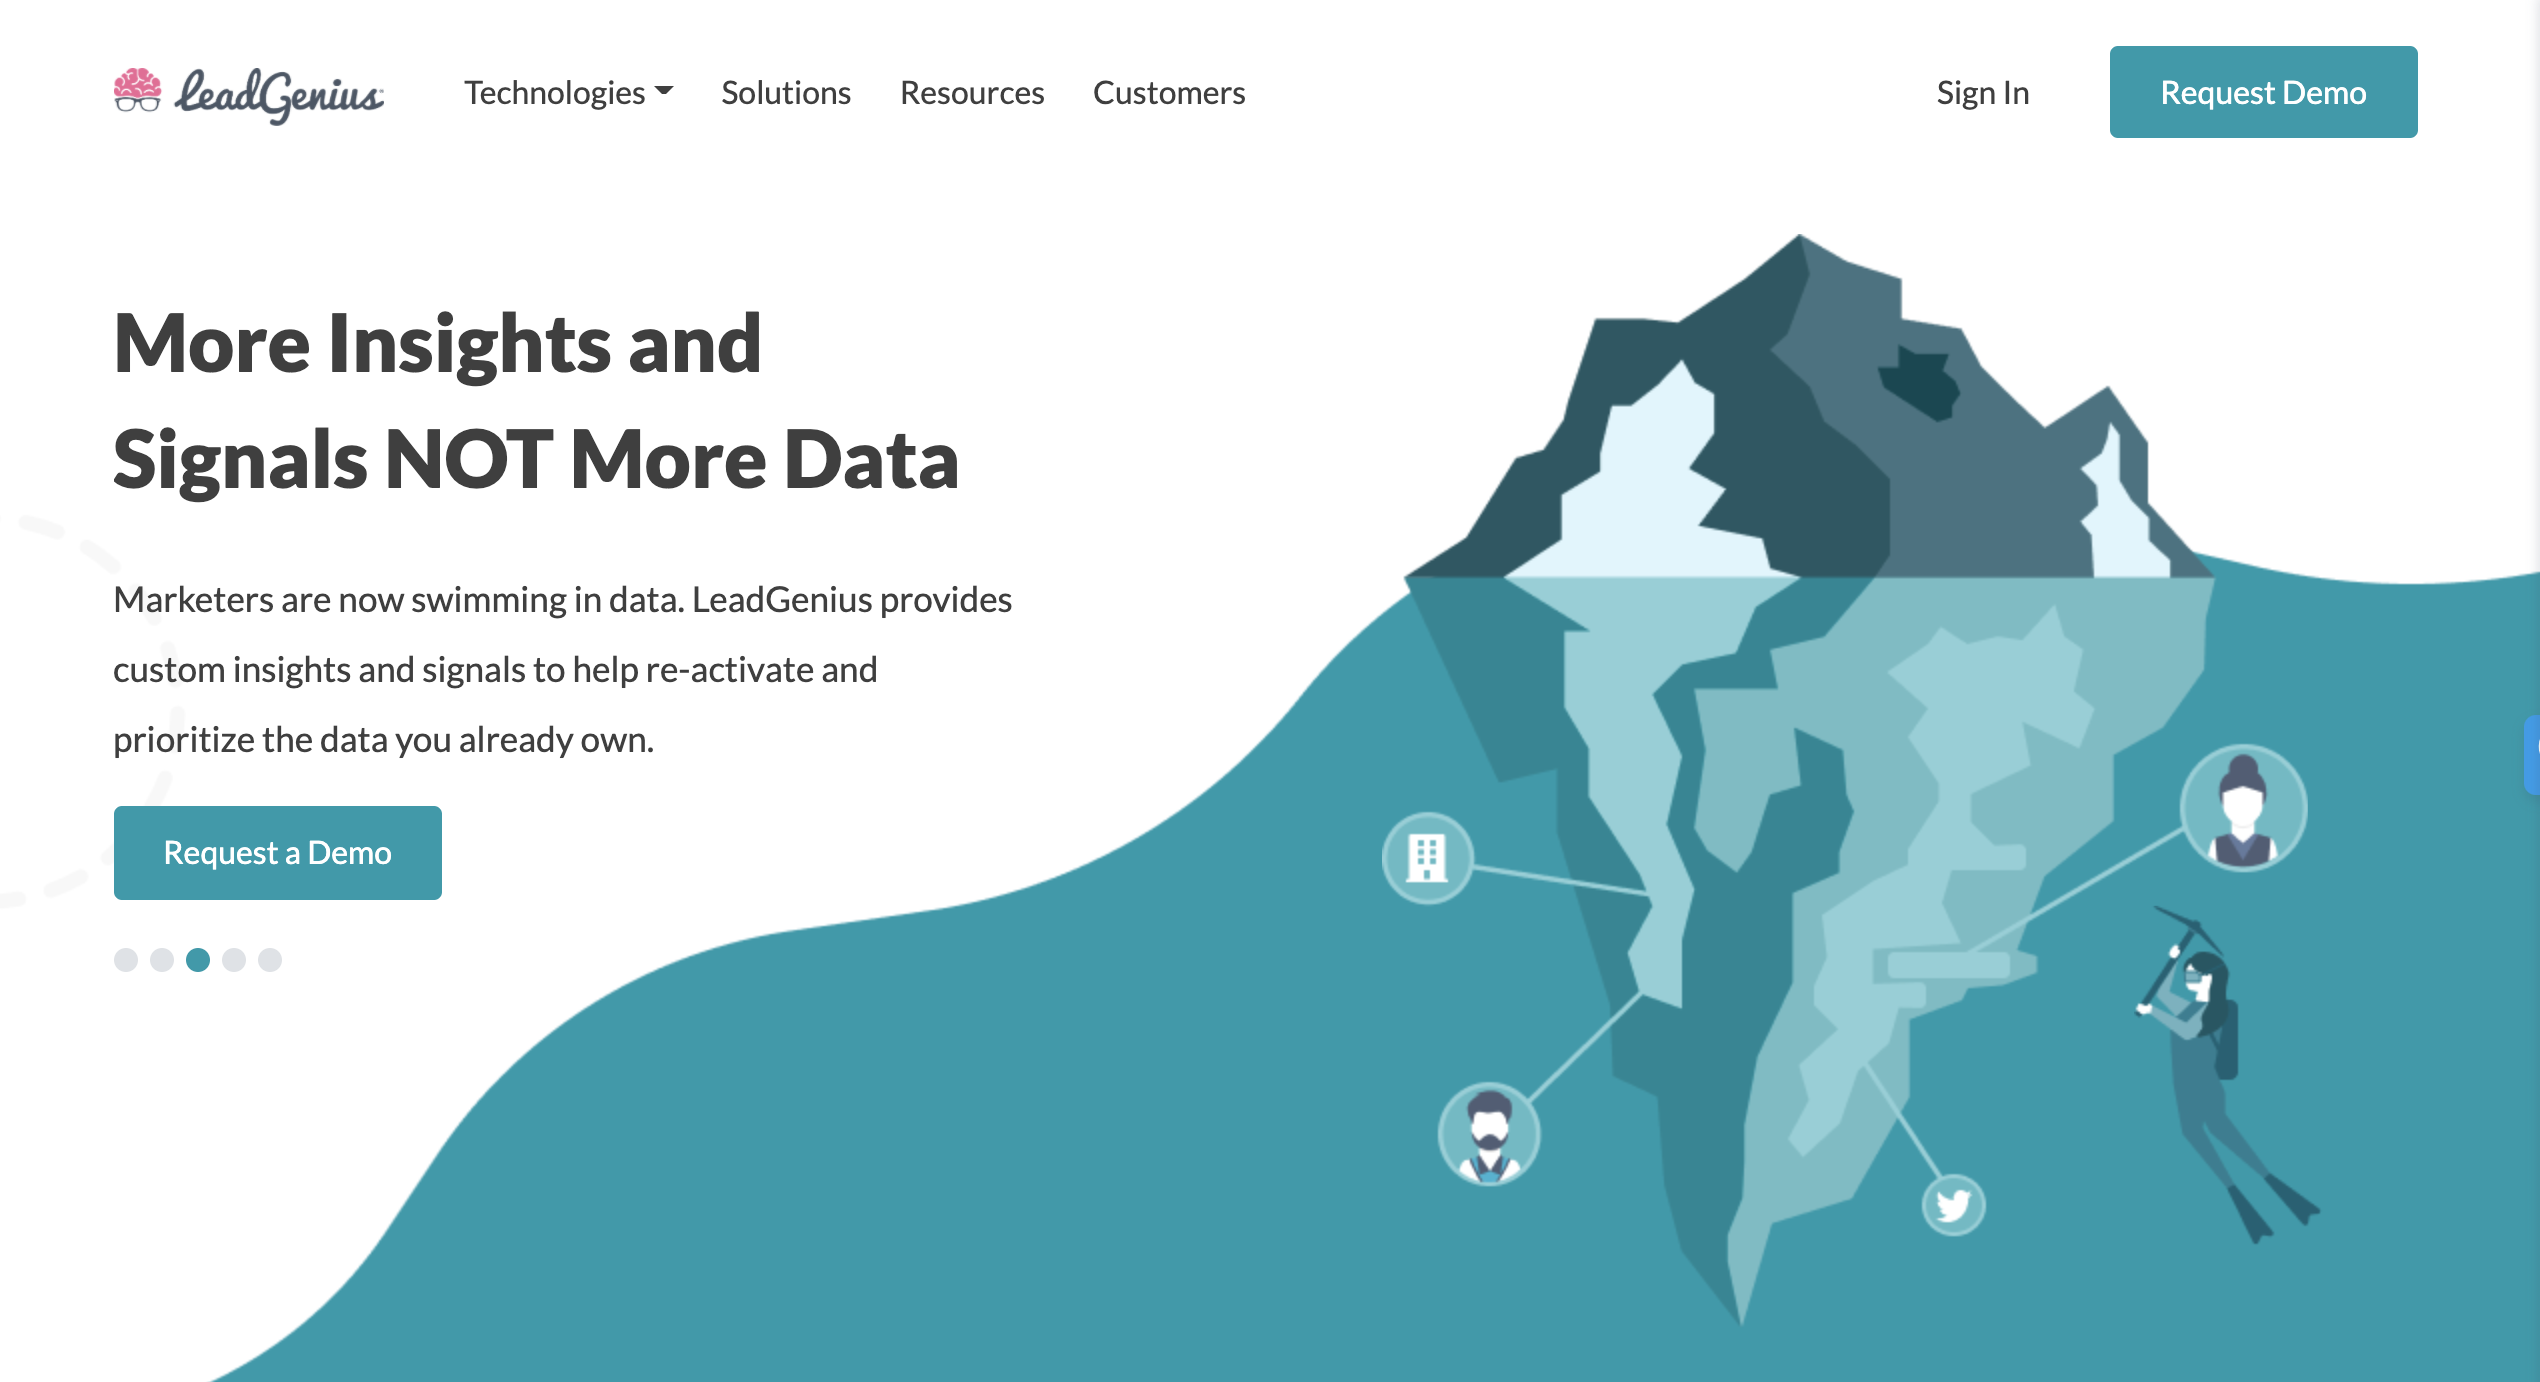 lead genius data tools